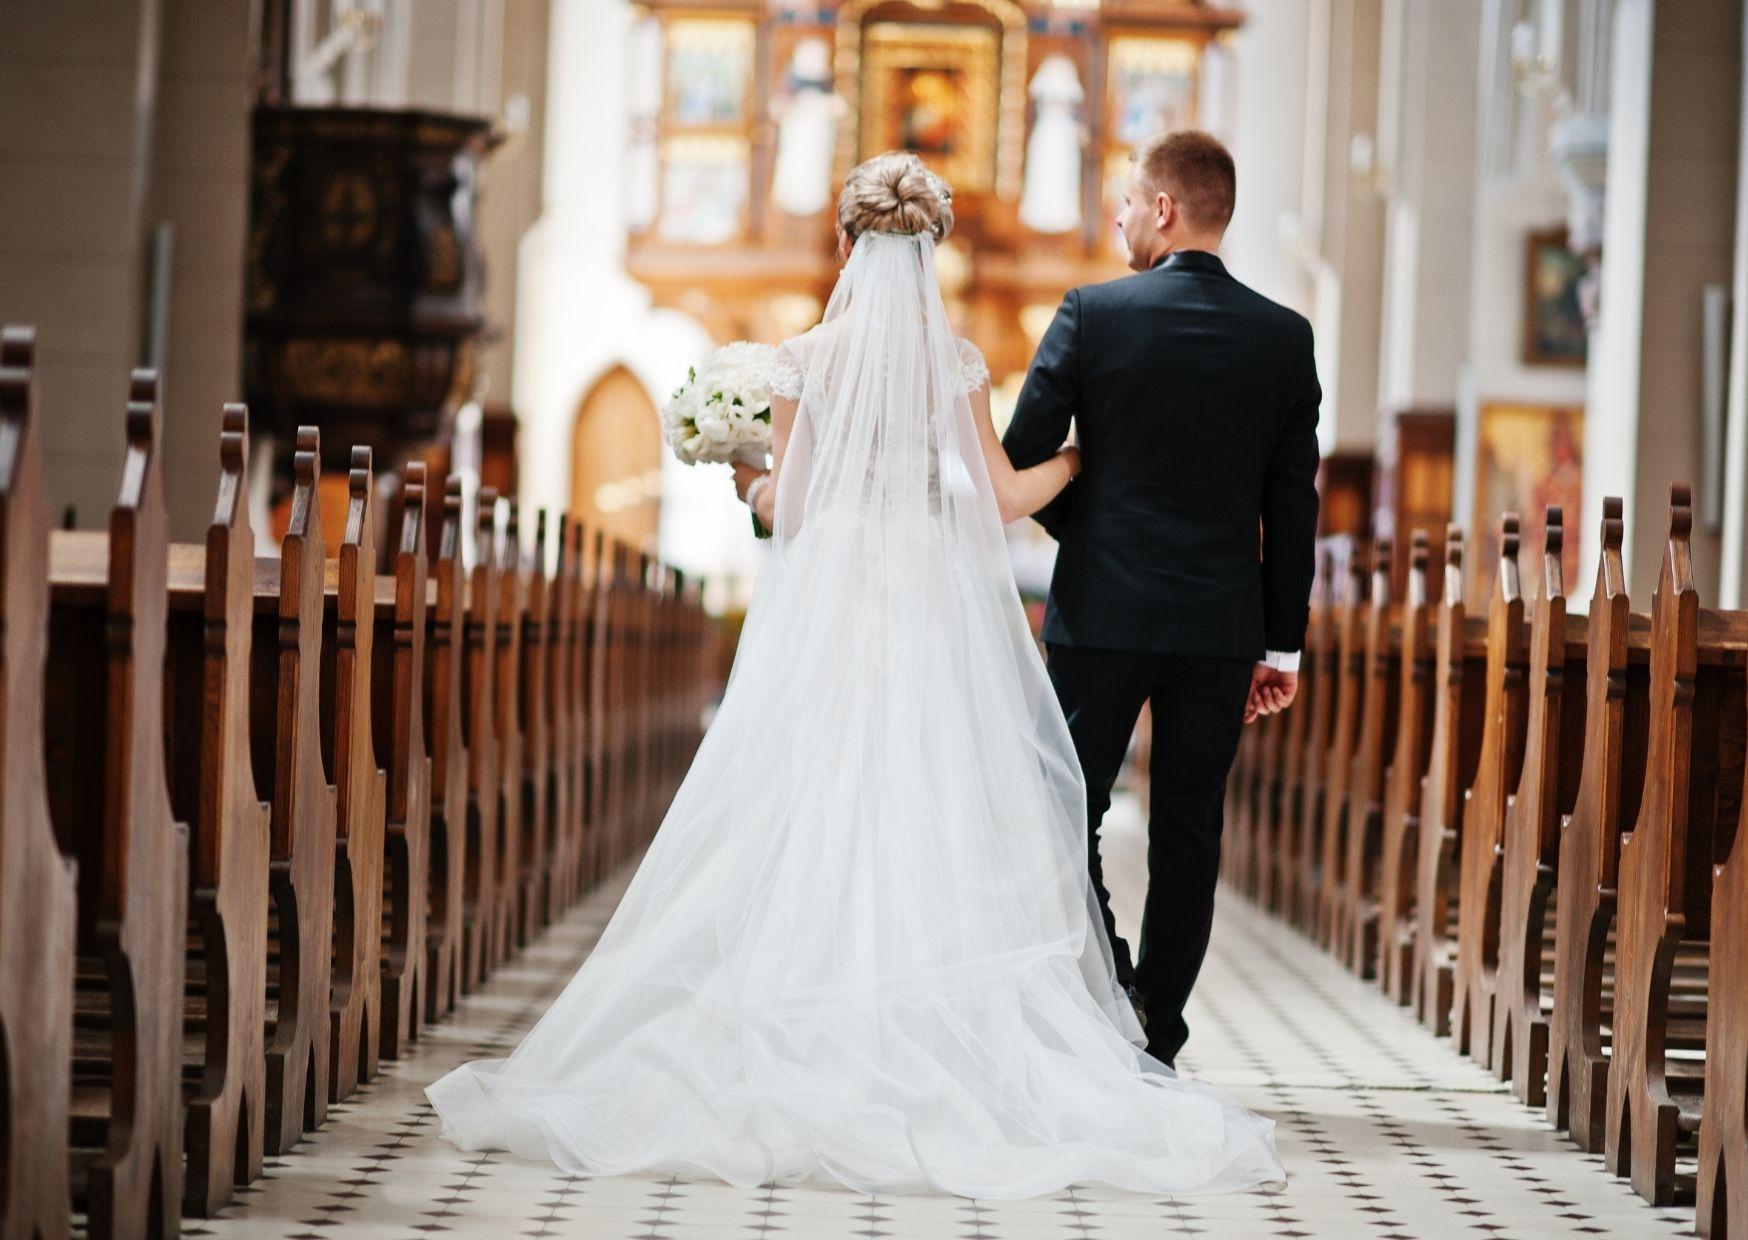 Kto nie może wziąć ślubu kościelnego? Sprawdź [galeria] - Zdjęcie główne